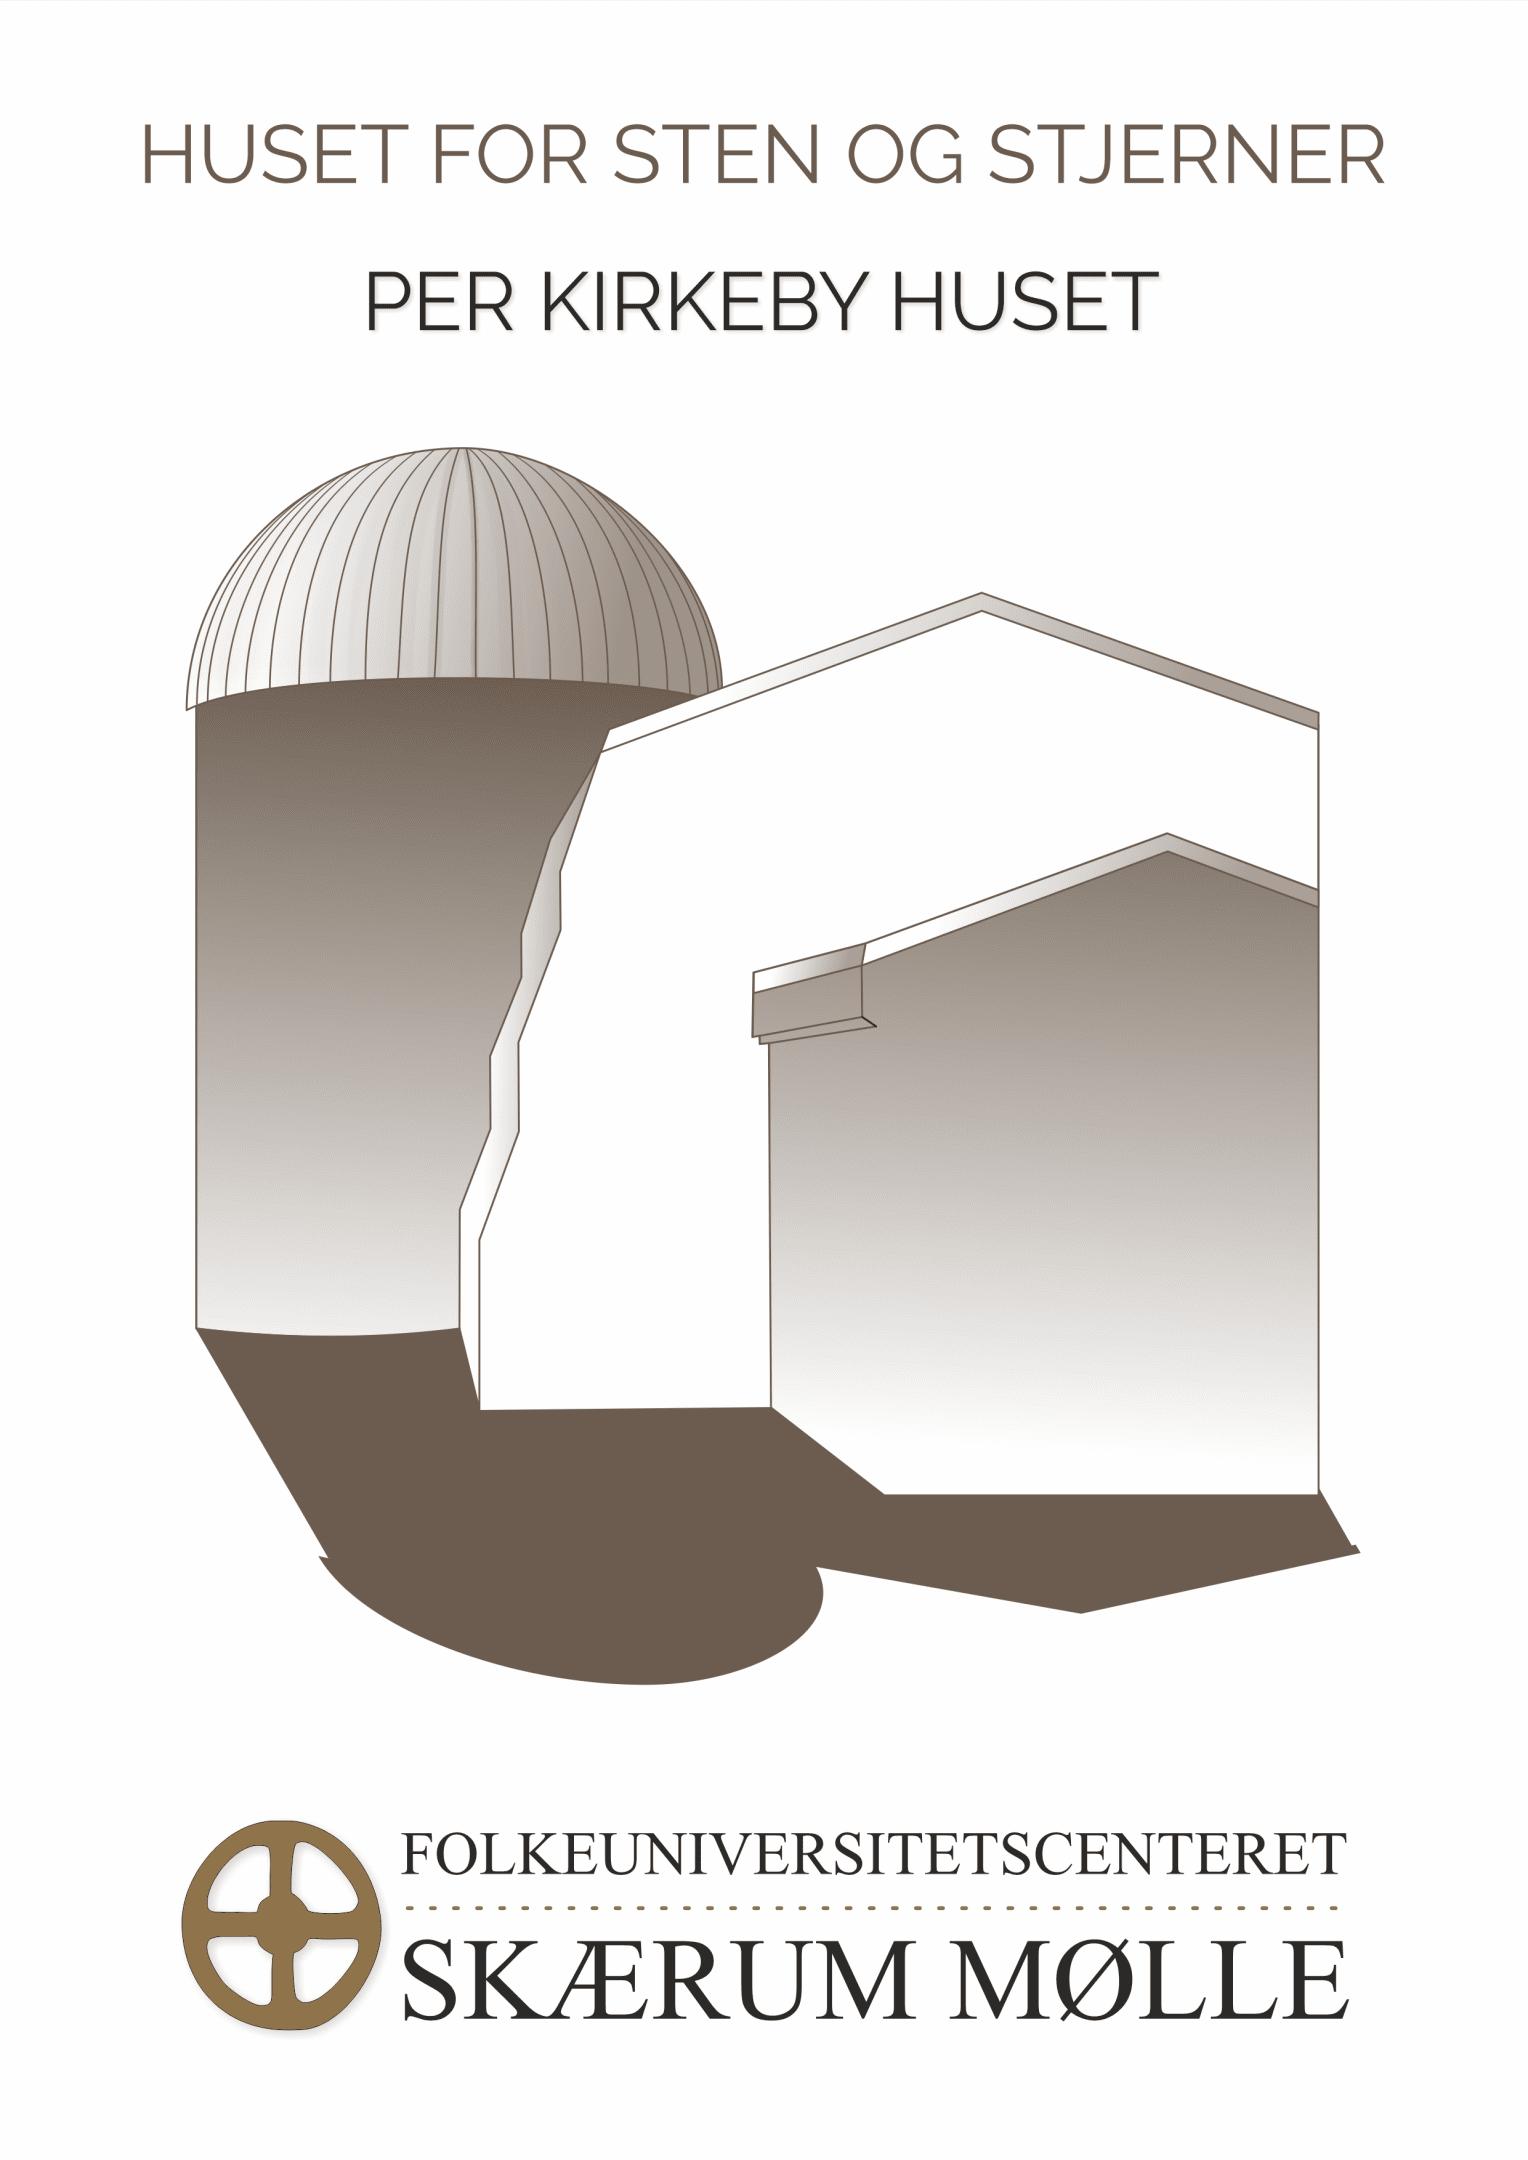 Huset for sten og stjerner - Per Kirkebyhuset